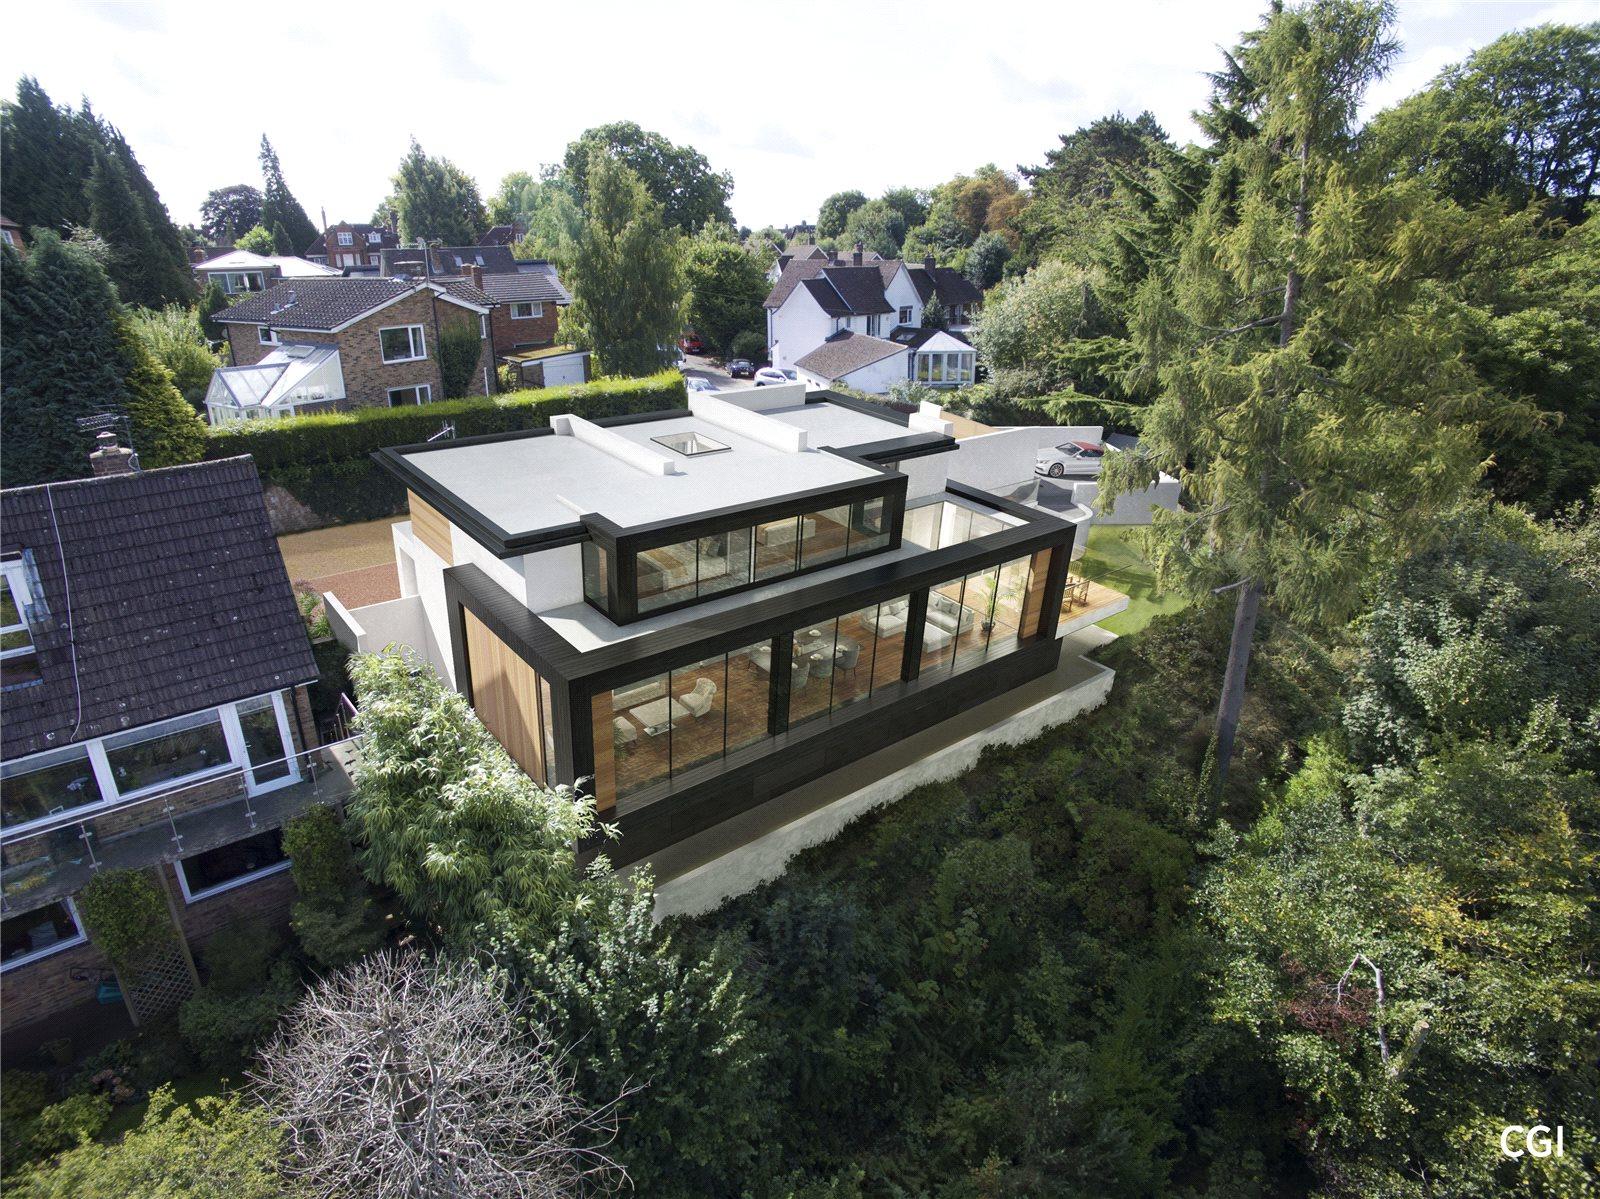 Maison unifamiliale pour l Vente à Summerhouse Close, Godalming, Surrey, GU7 Godalming, Angleterre